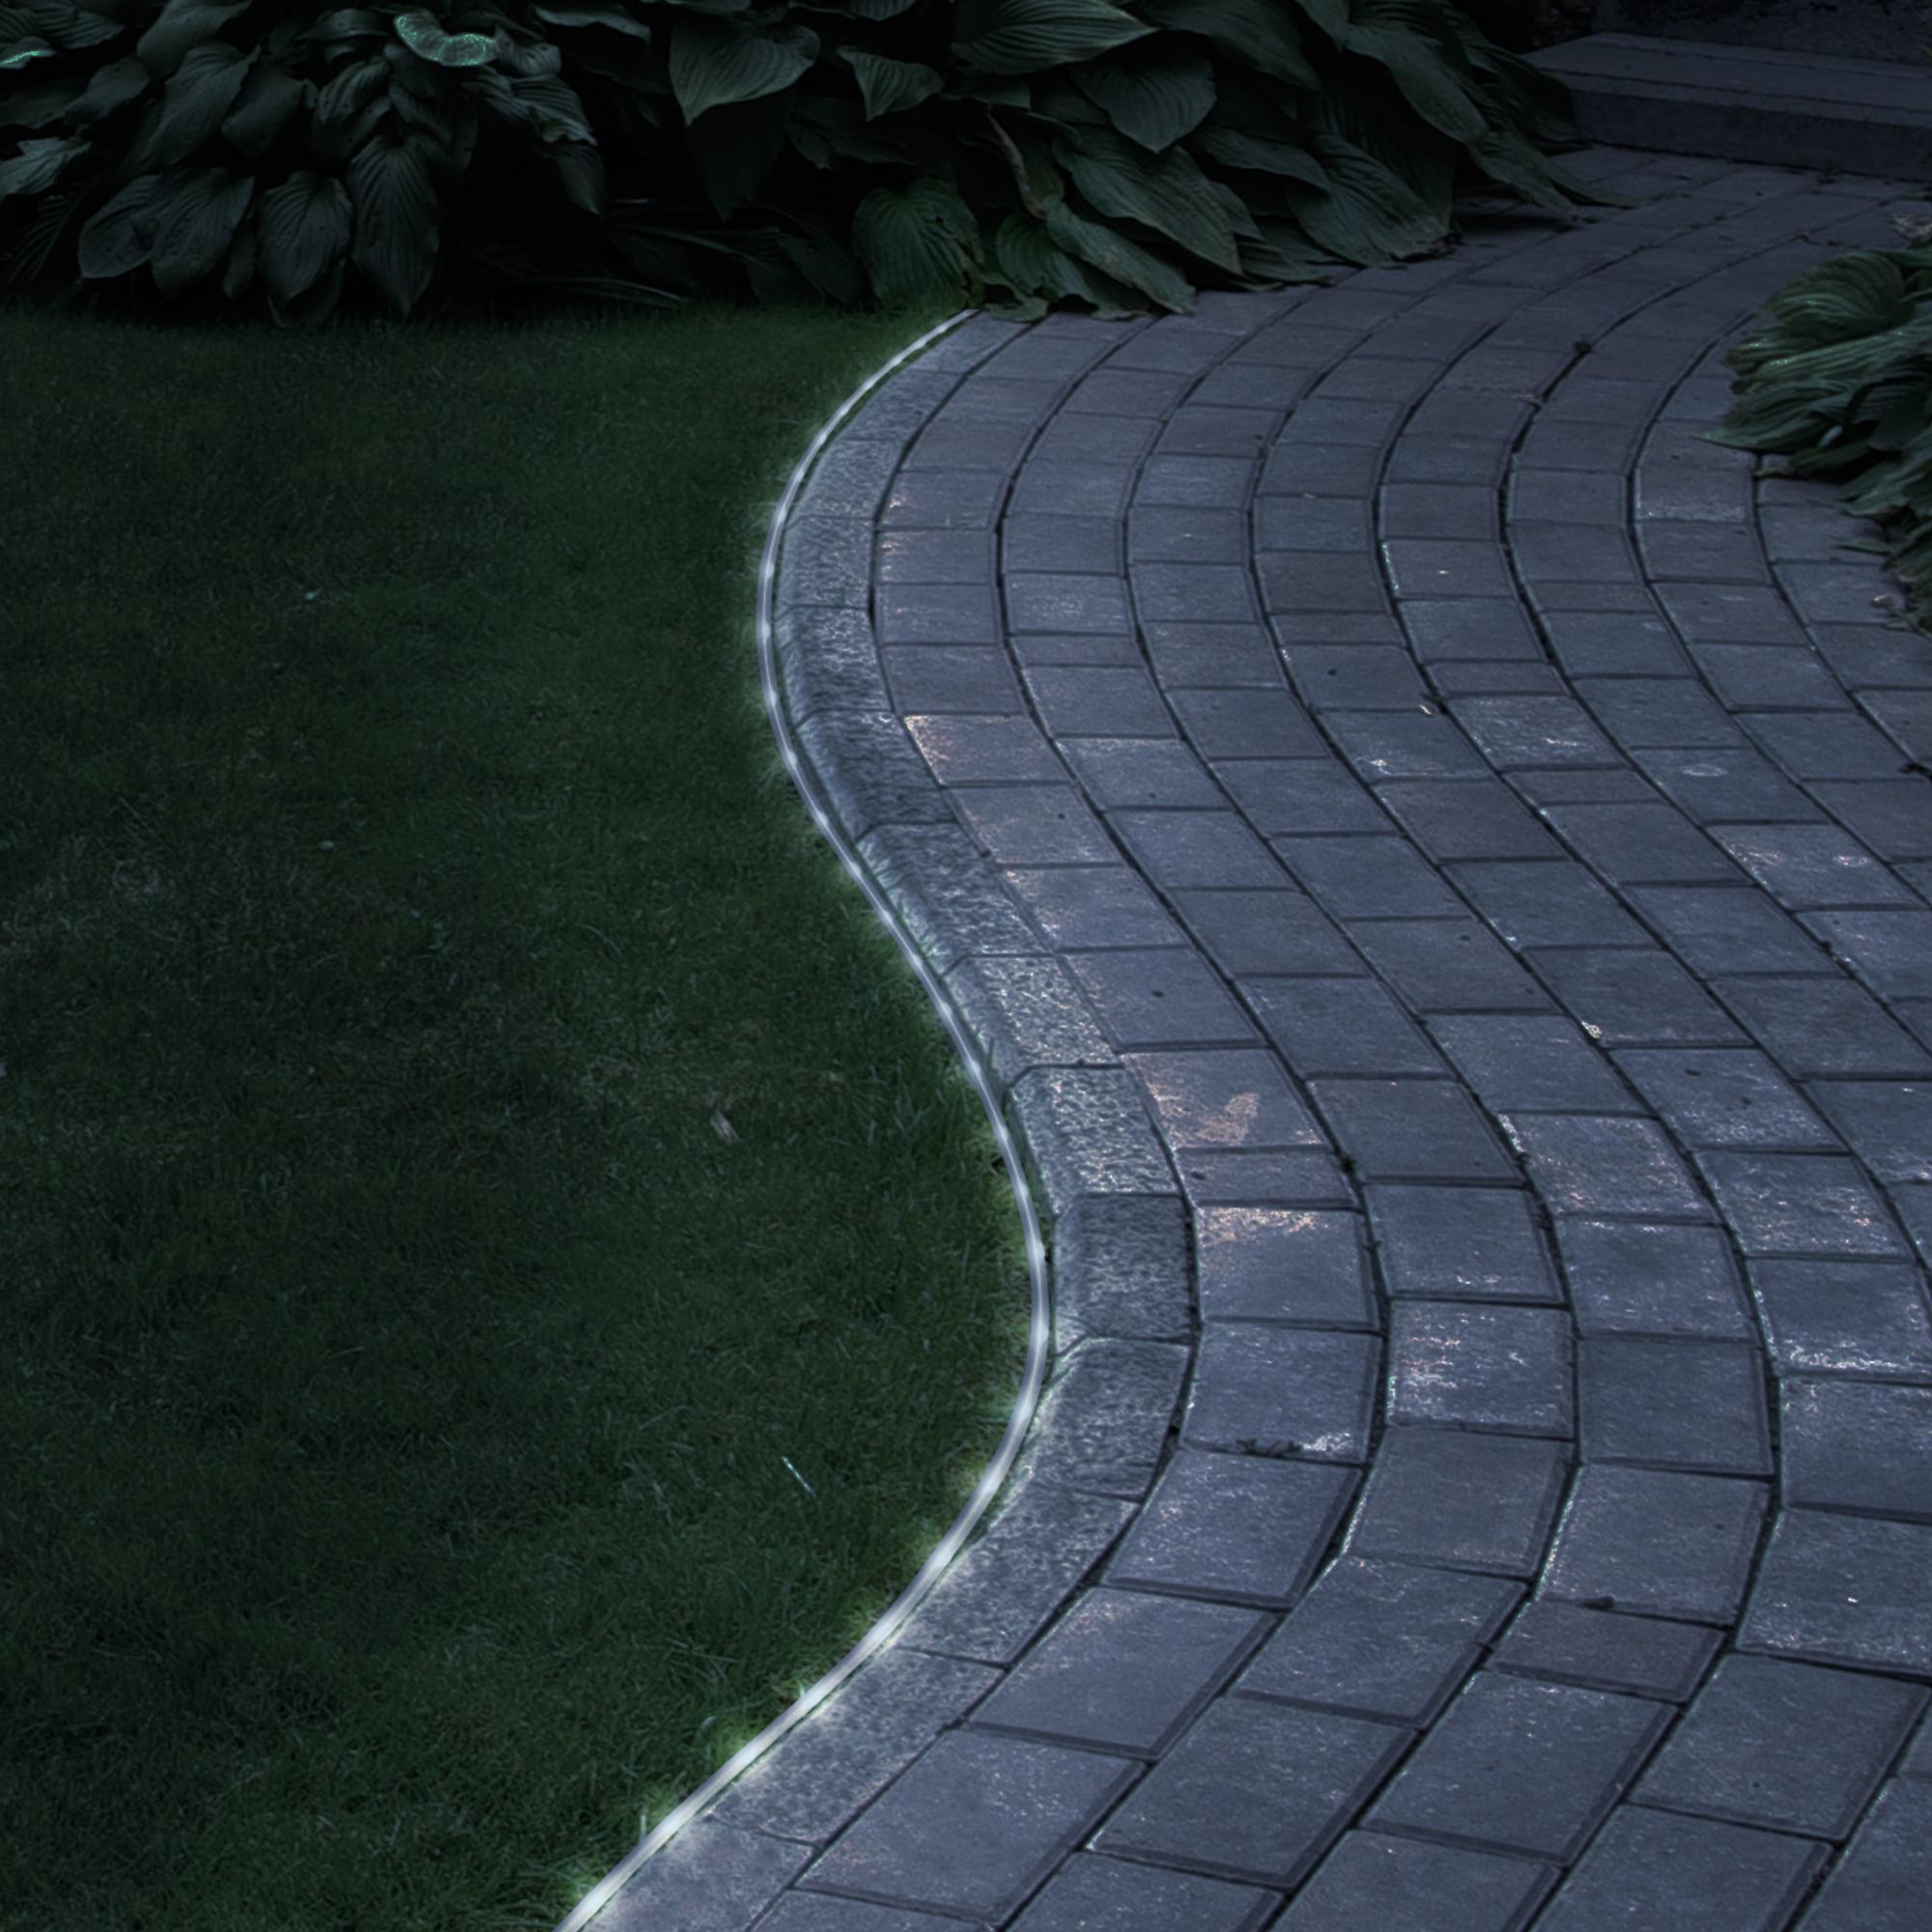 Solar LED Rope Light - 32 Feet - 100 White LED Lights by Pure Garden